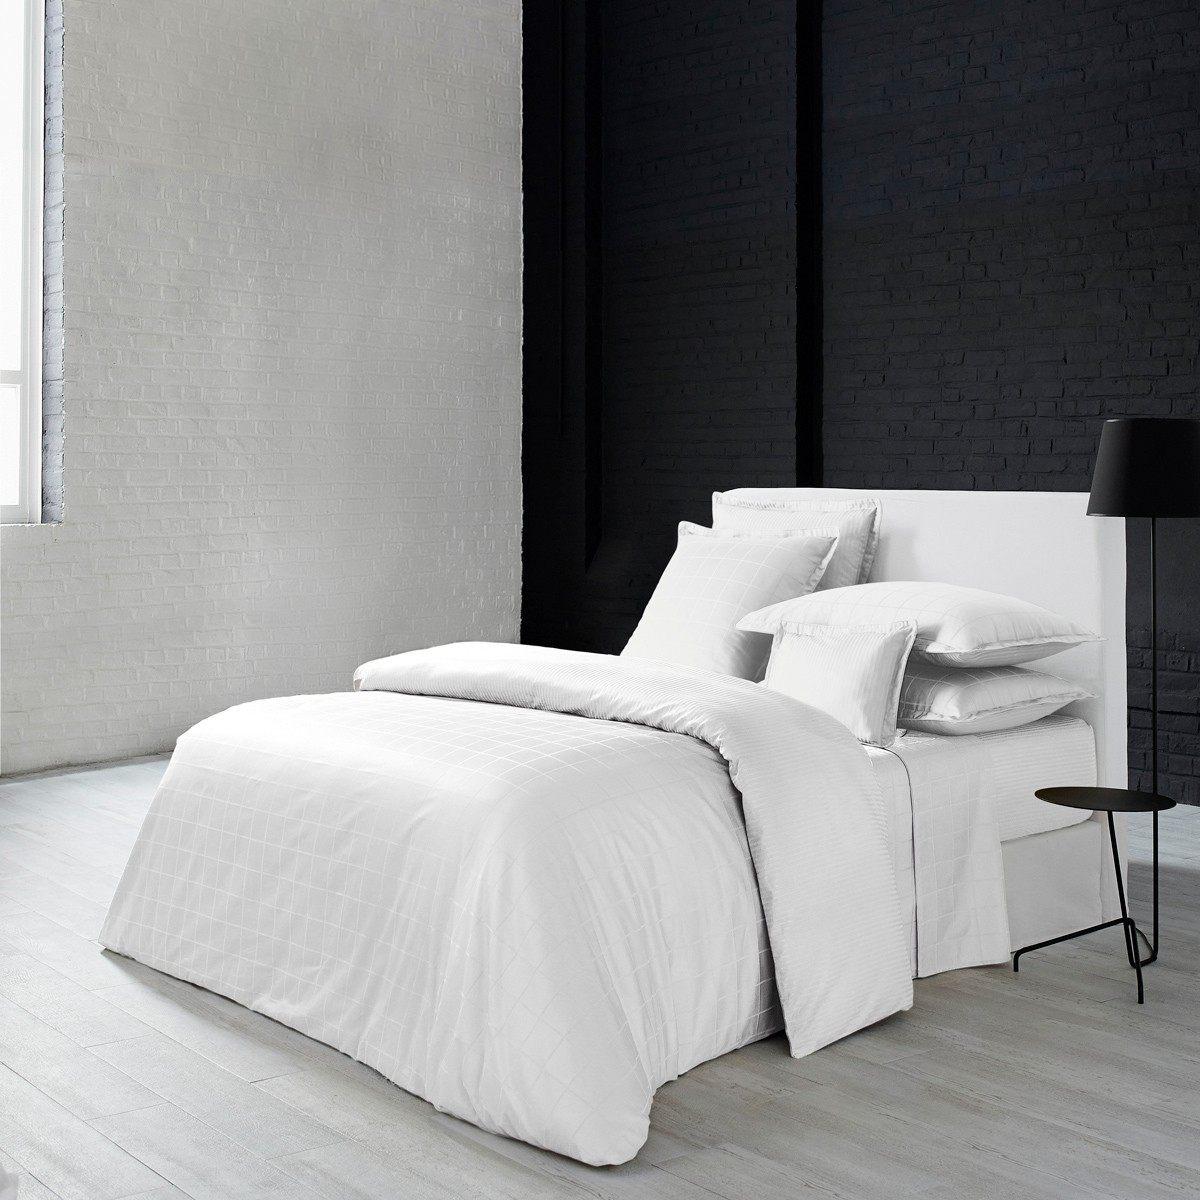 Lit 160×200 Blanc Nouveau Taille Couette Lit 2 Personnes Taille Drap Lit 160—200